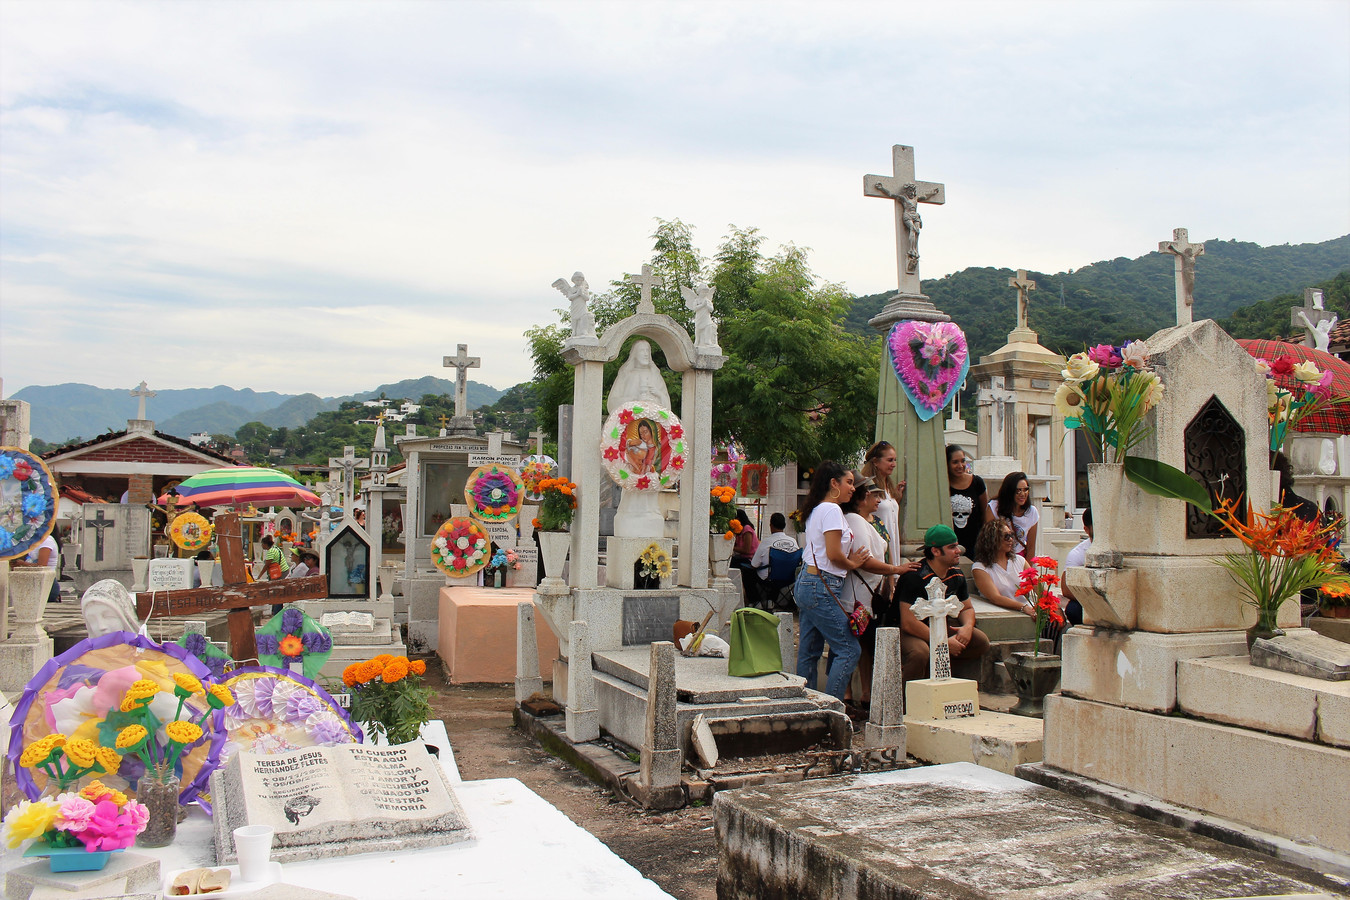 Hele families bivakkeren vandaag op het kerkhof, vergezeld van een flinke tas proviand